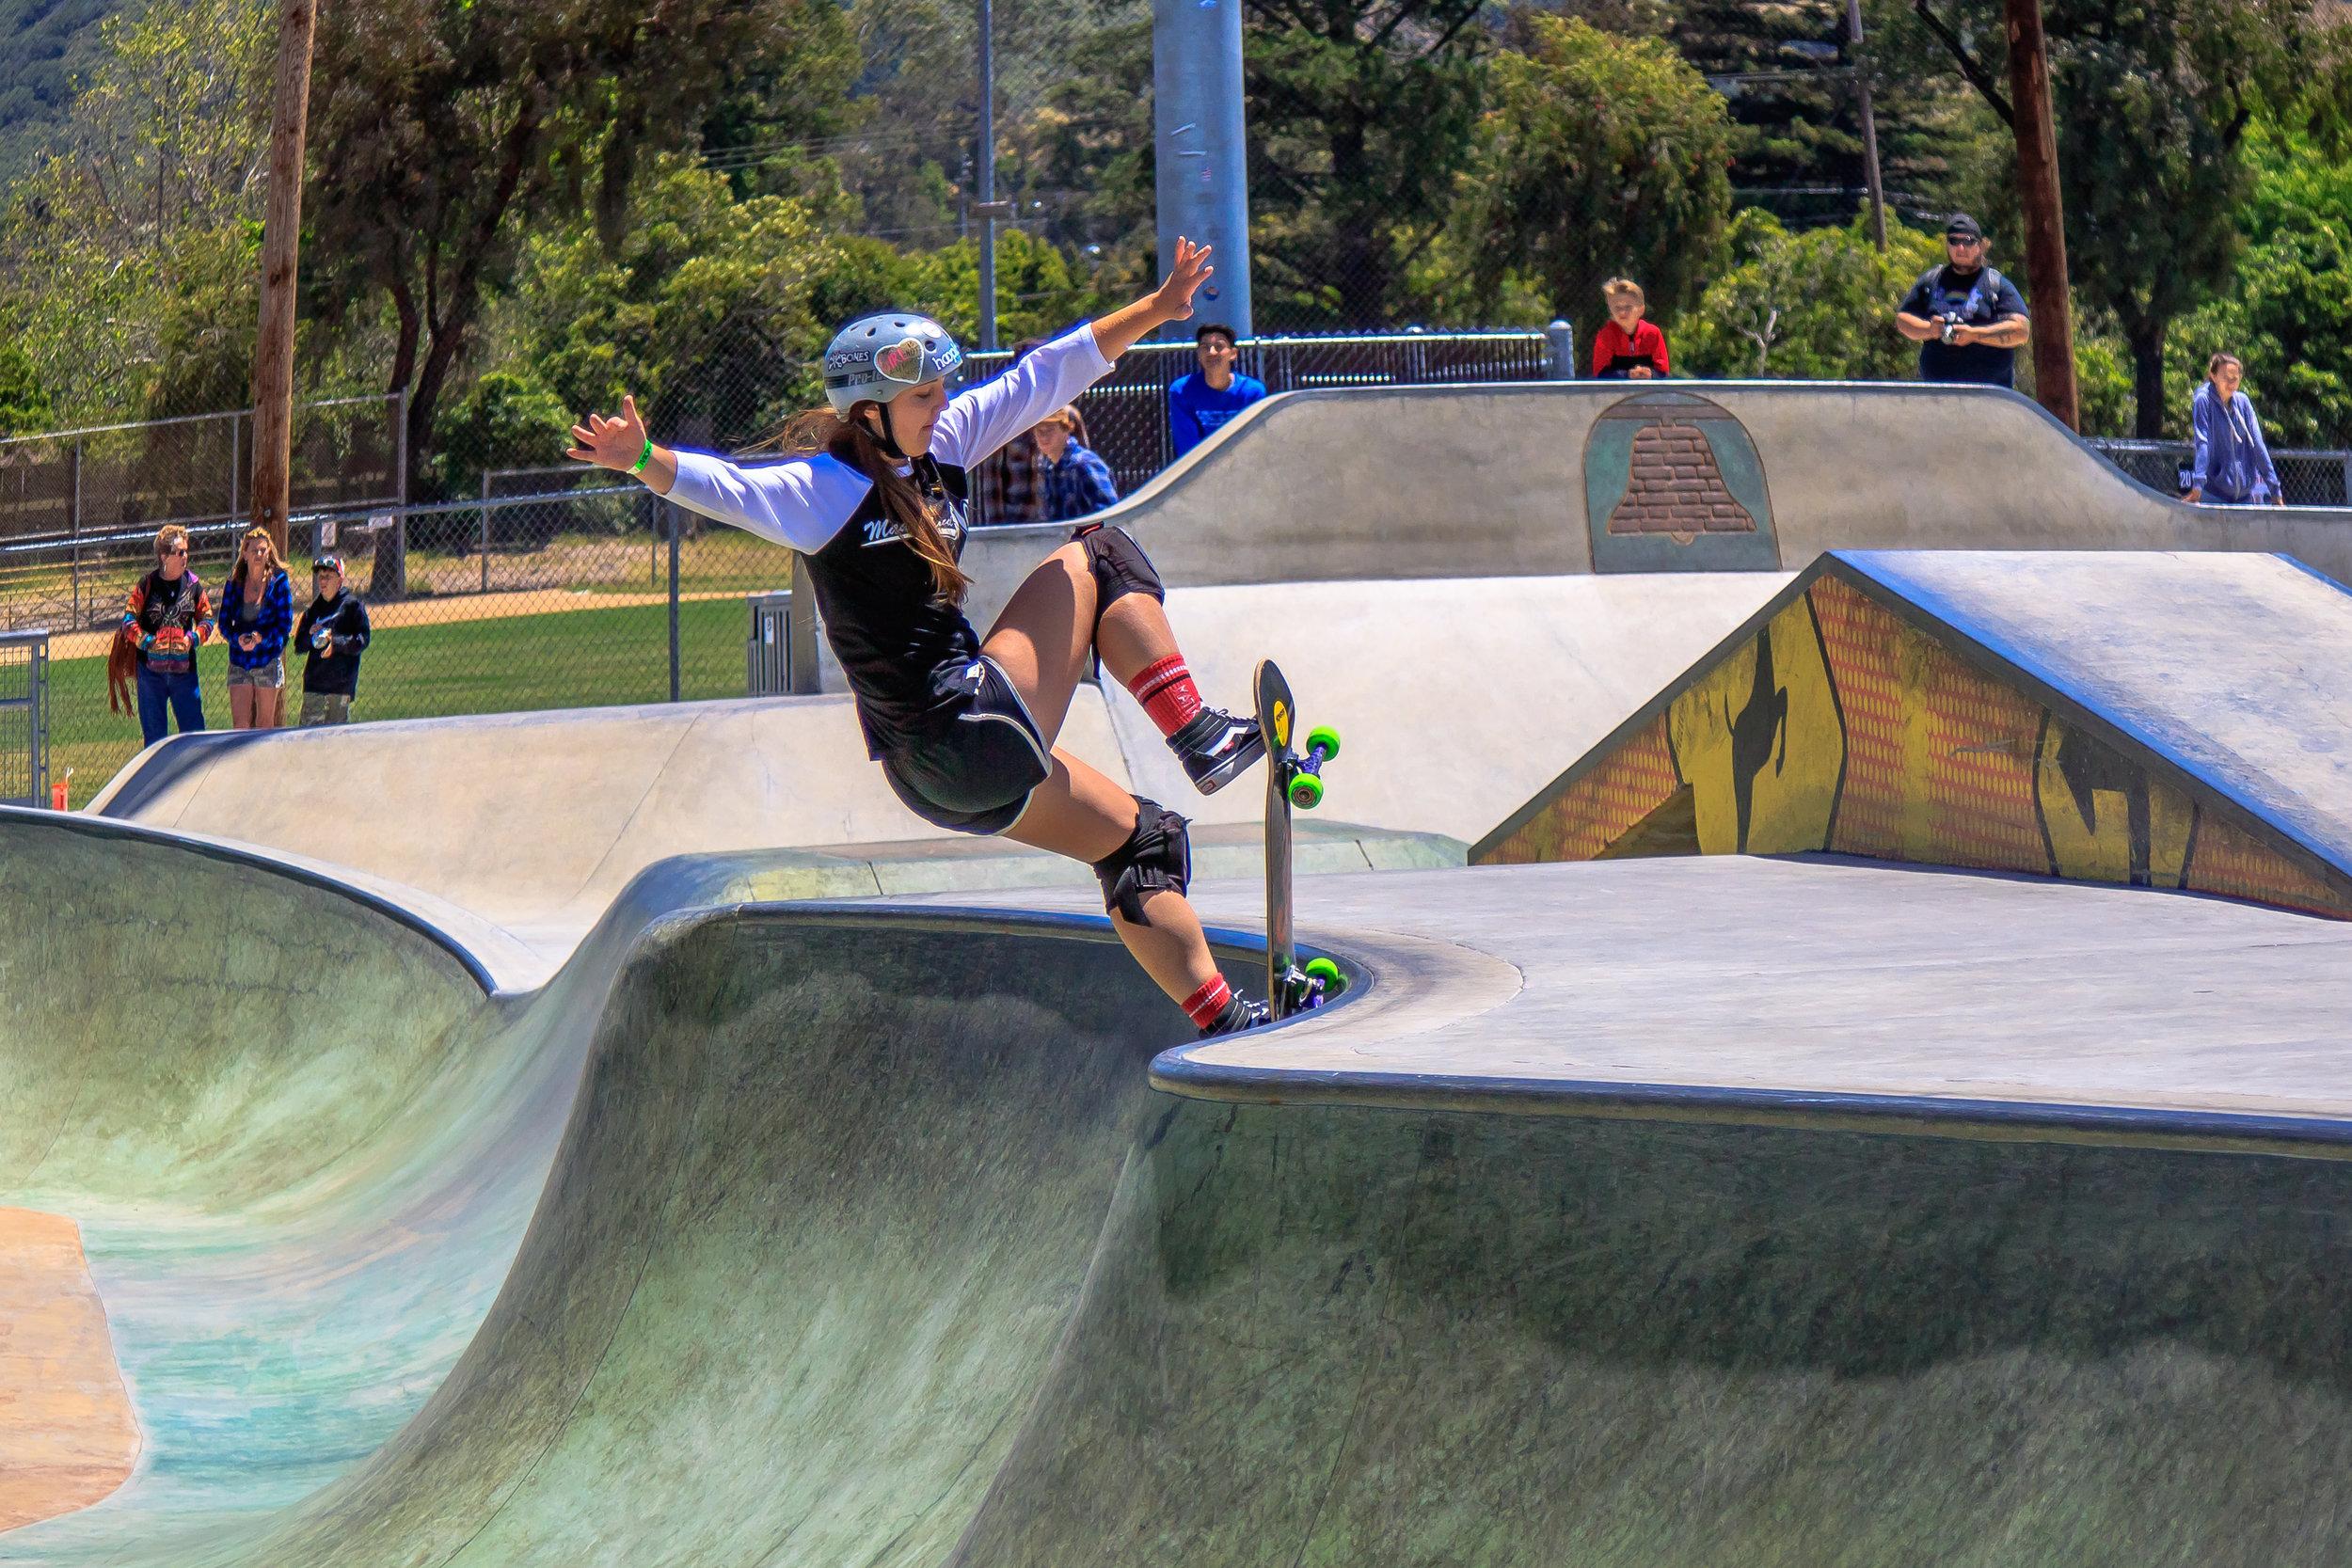 5-13-17 SLO Skate Jam-59.jpg